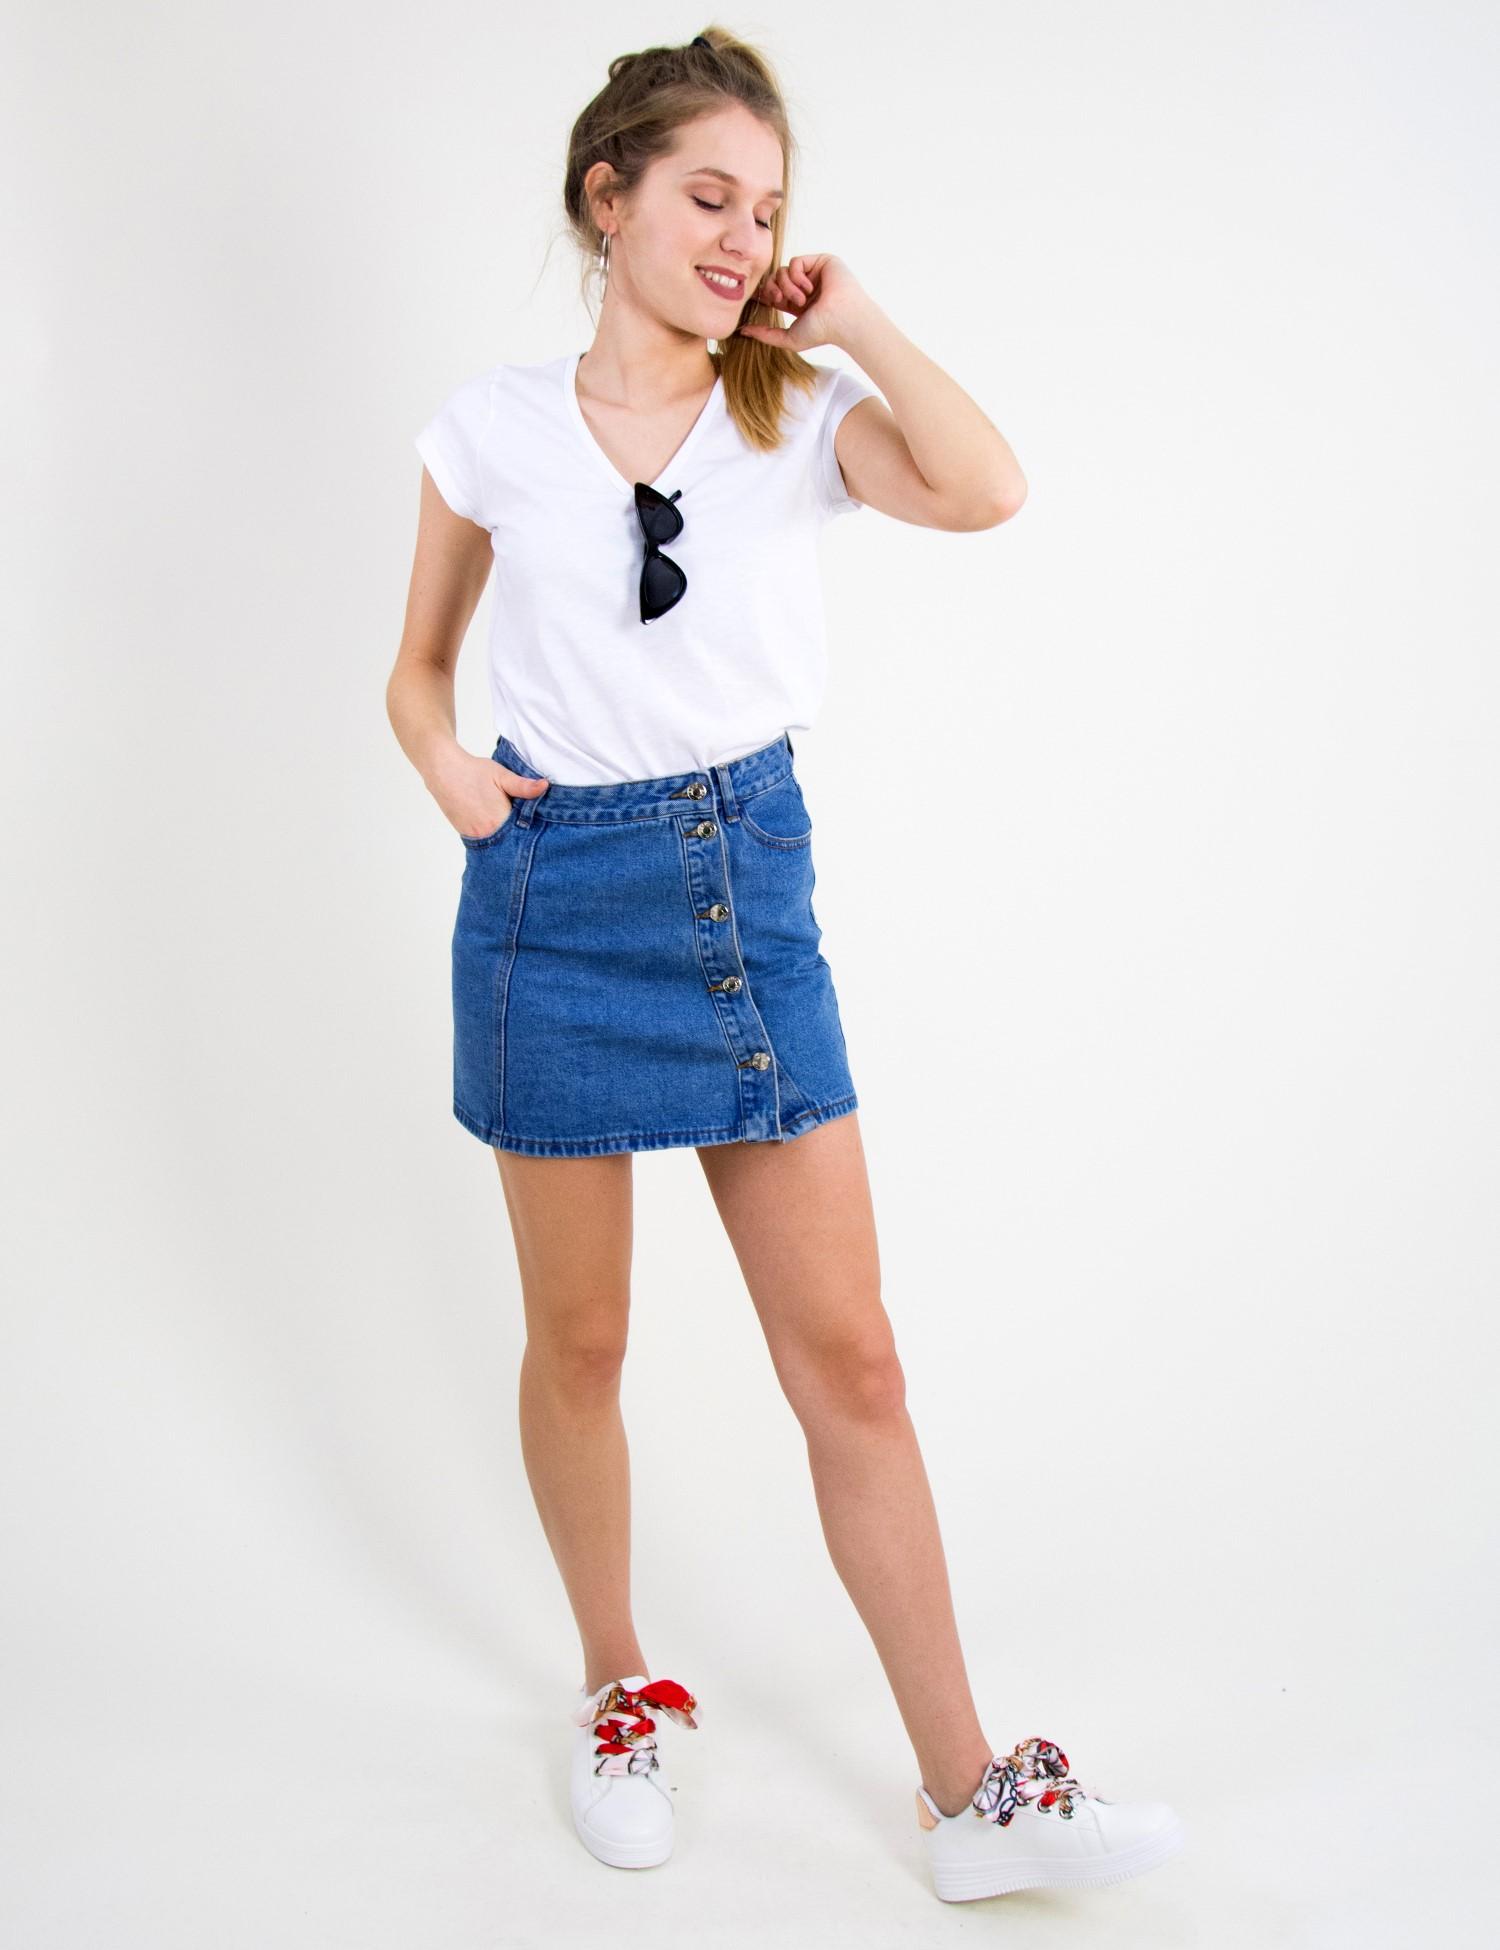 Γυναικεία τζην ψηλόμεση φούστα μπλε λοξά κουμπιά ITA6120 914e09221a1